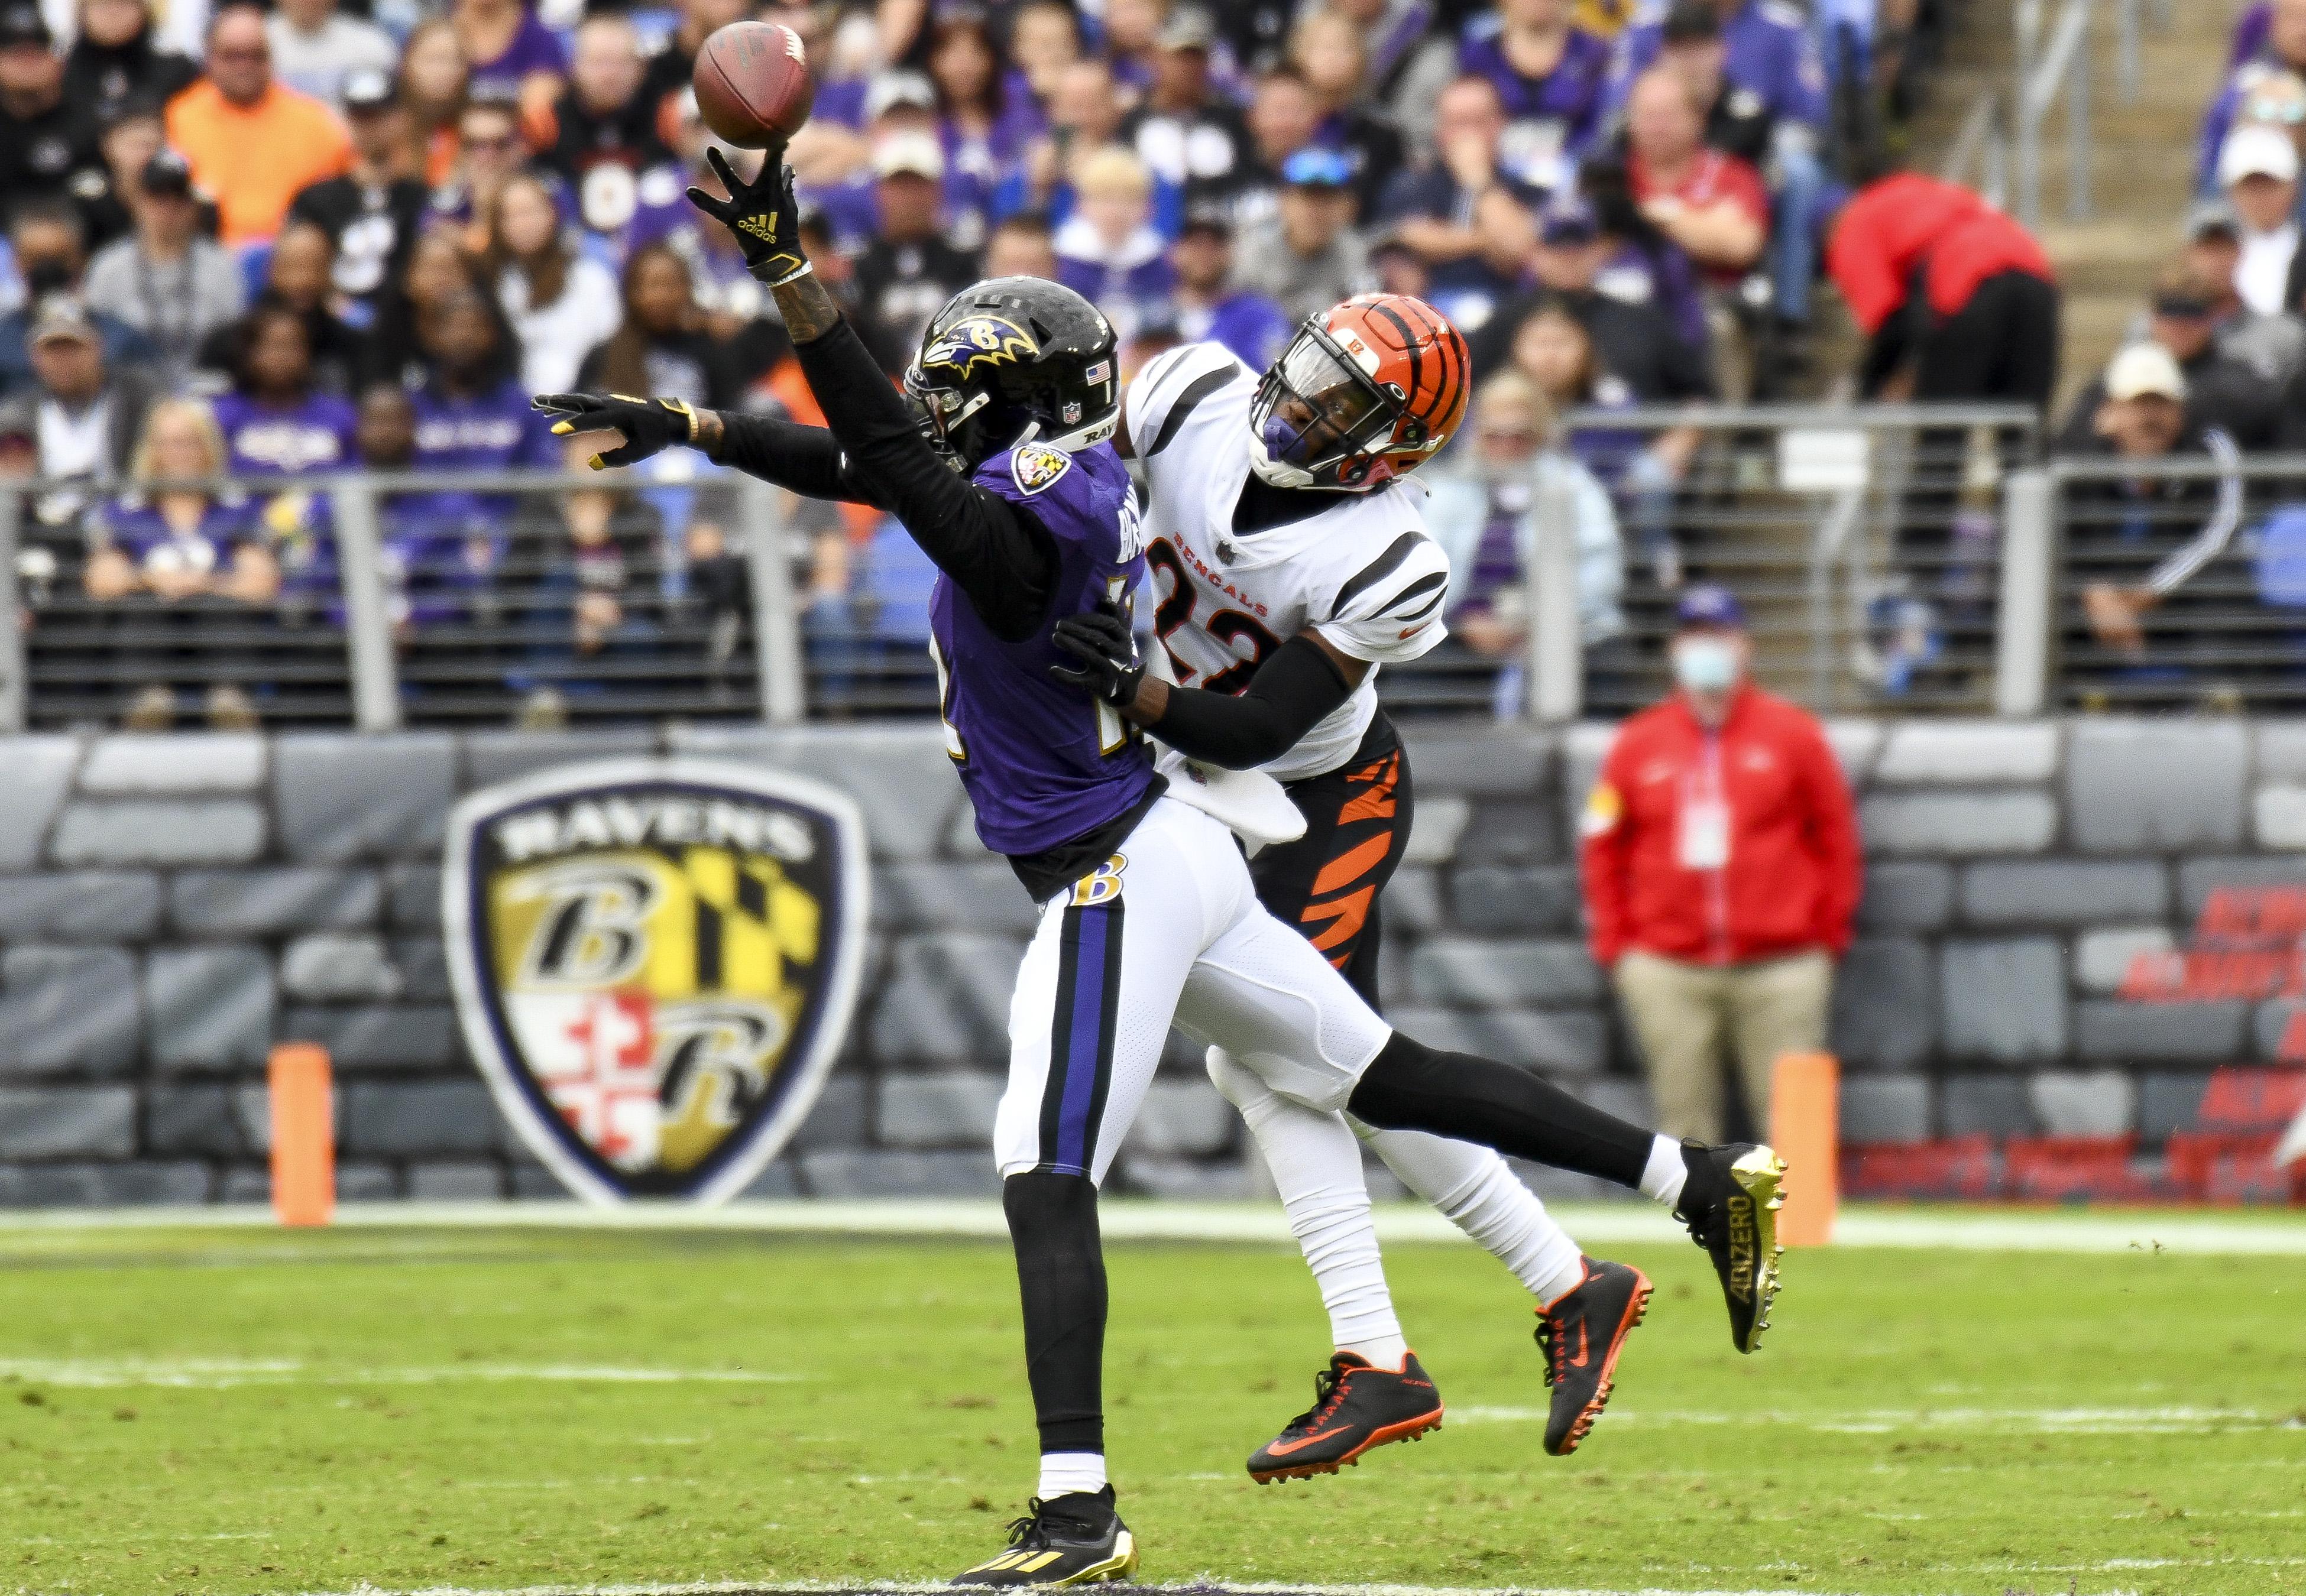 NFL: OCT 24 Bengals at Ravens